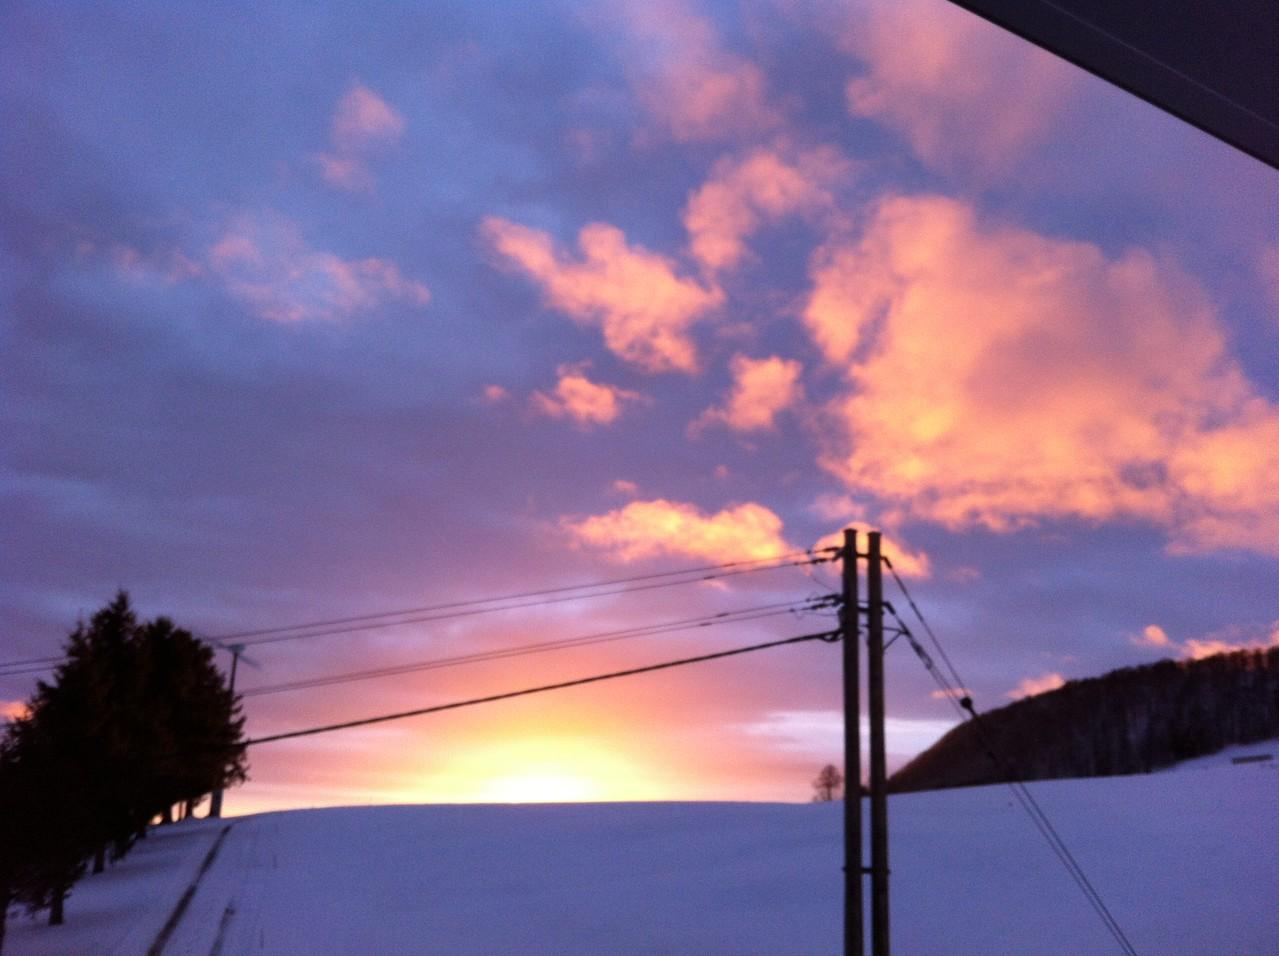 Auch im Winter kann man sehr schöne Bilder einfangen